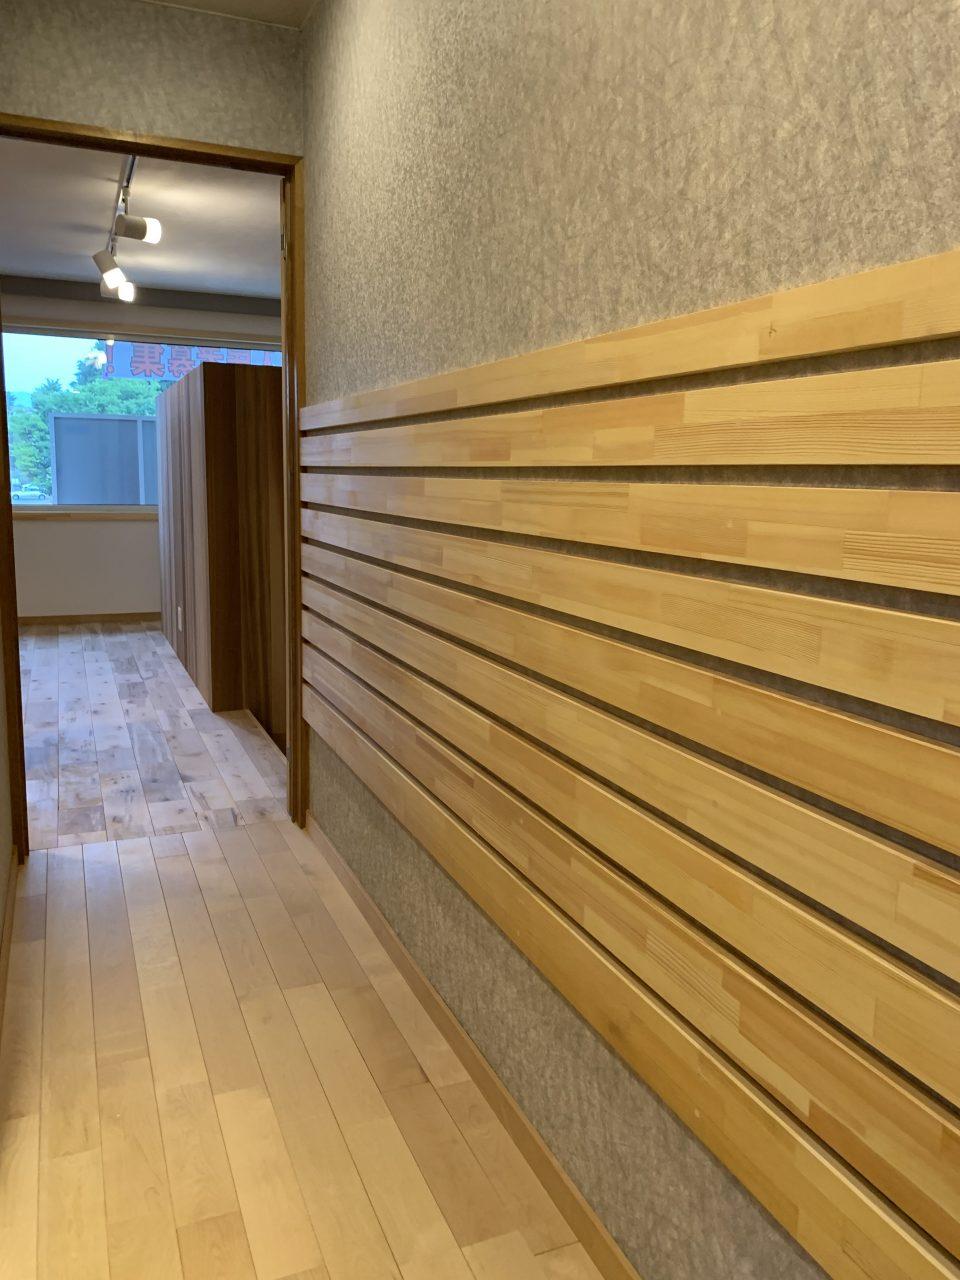 廊下ヨコスリット。壁クロスの傷を防止しつつ、差し込み型の棚板を後で設置でき、靴やキーホルダーなんかをを置いてもらうつもり。